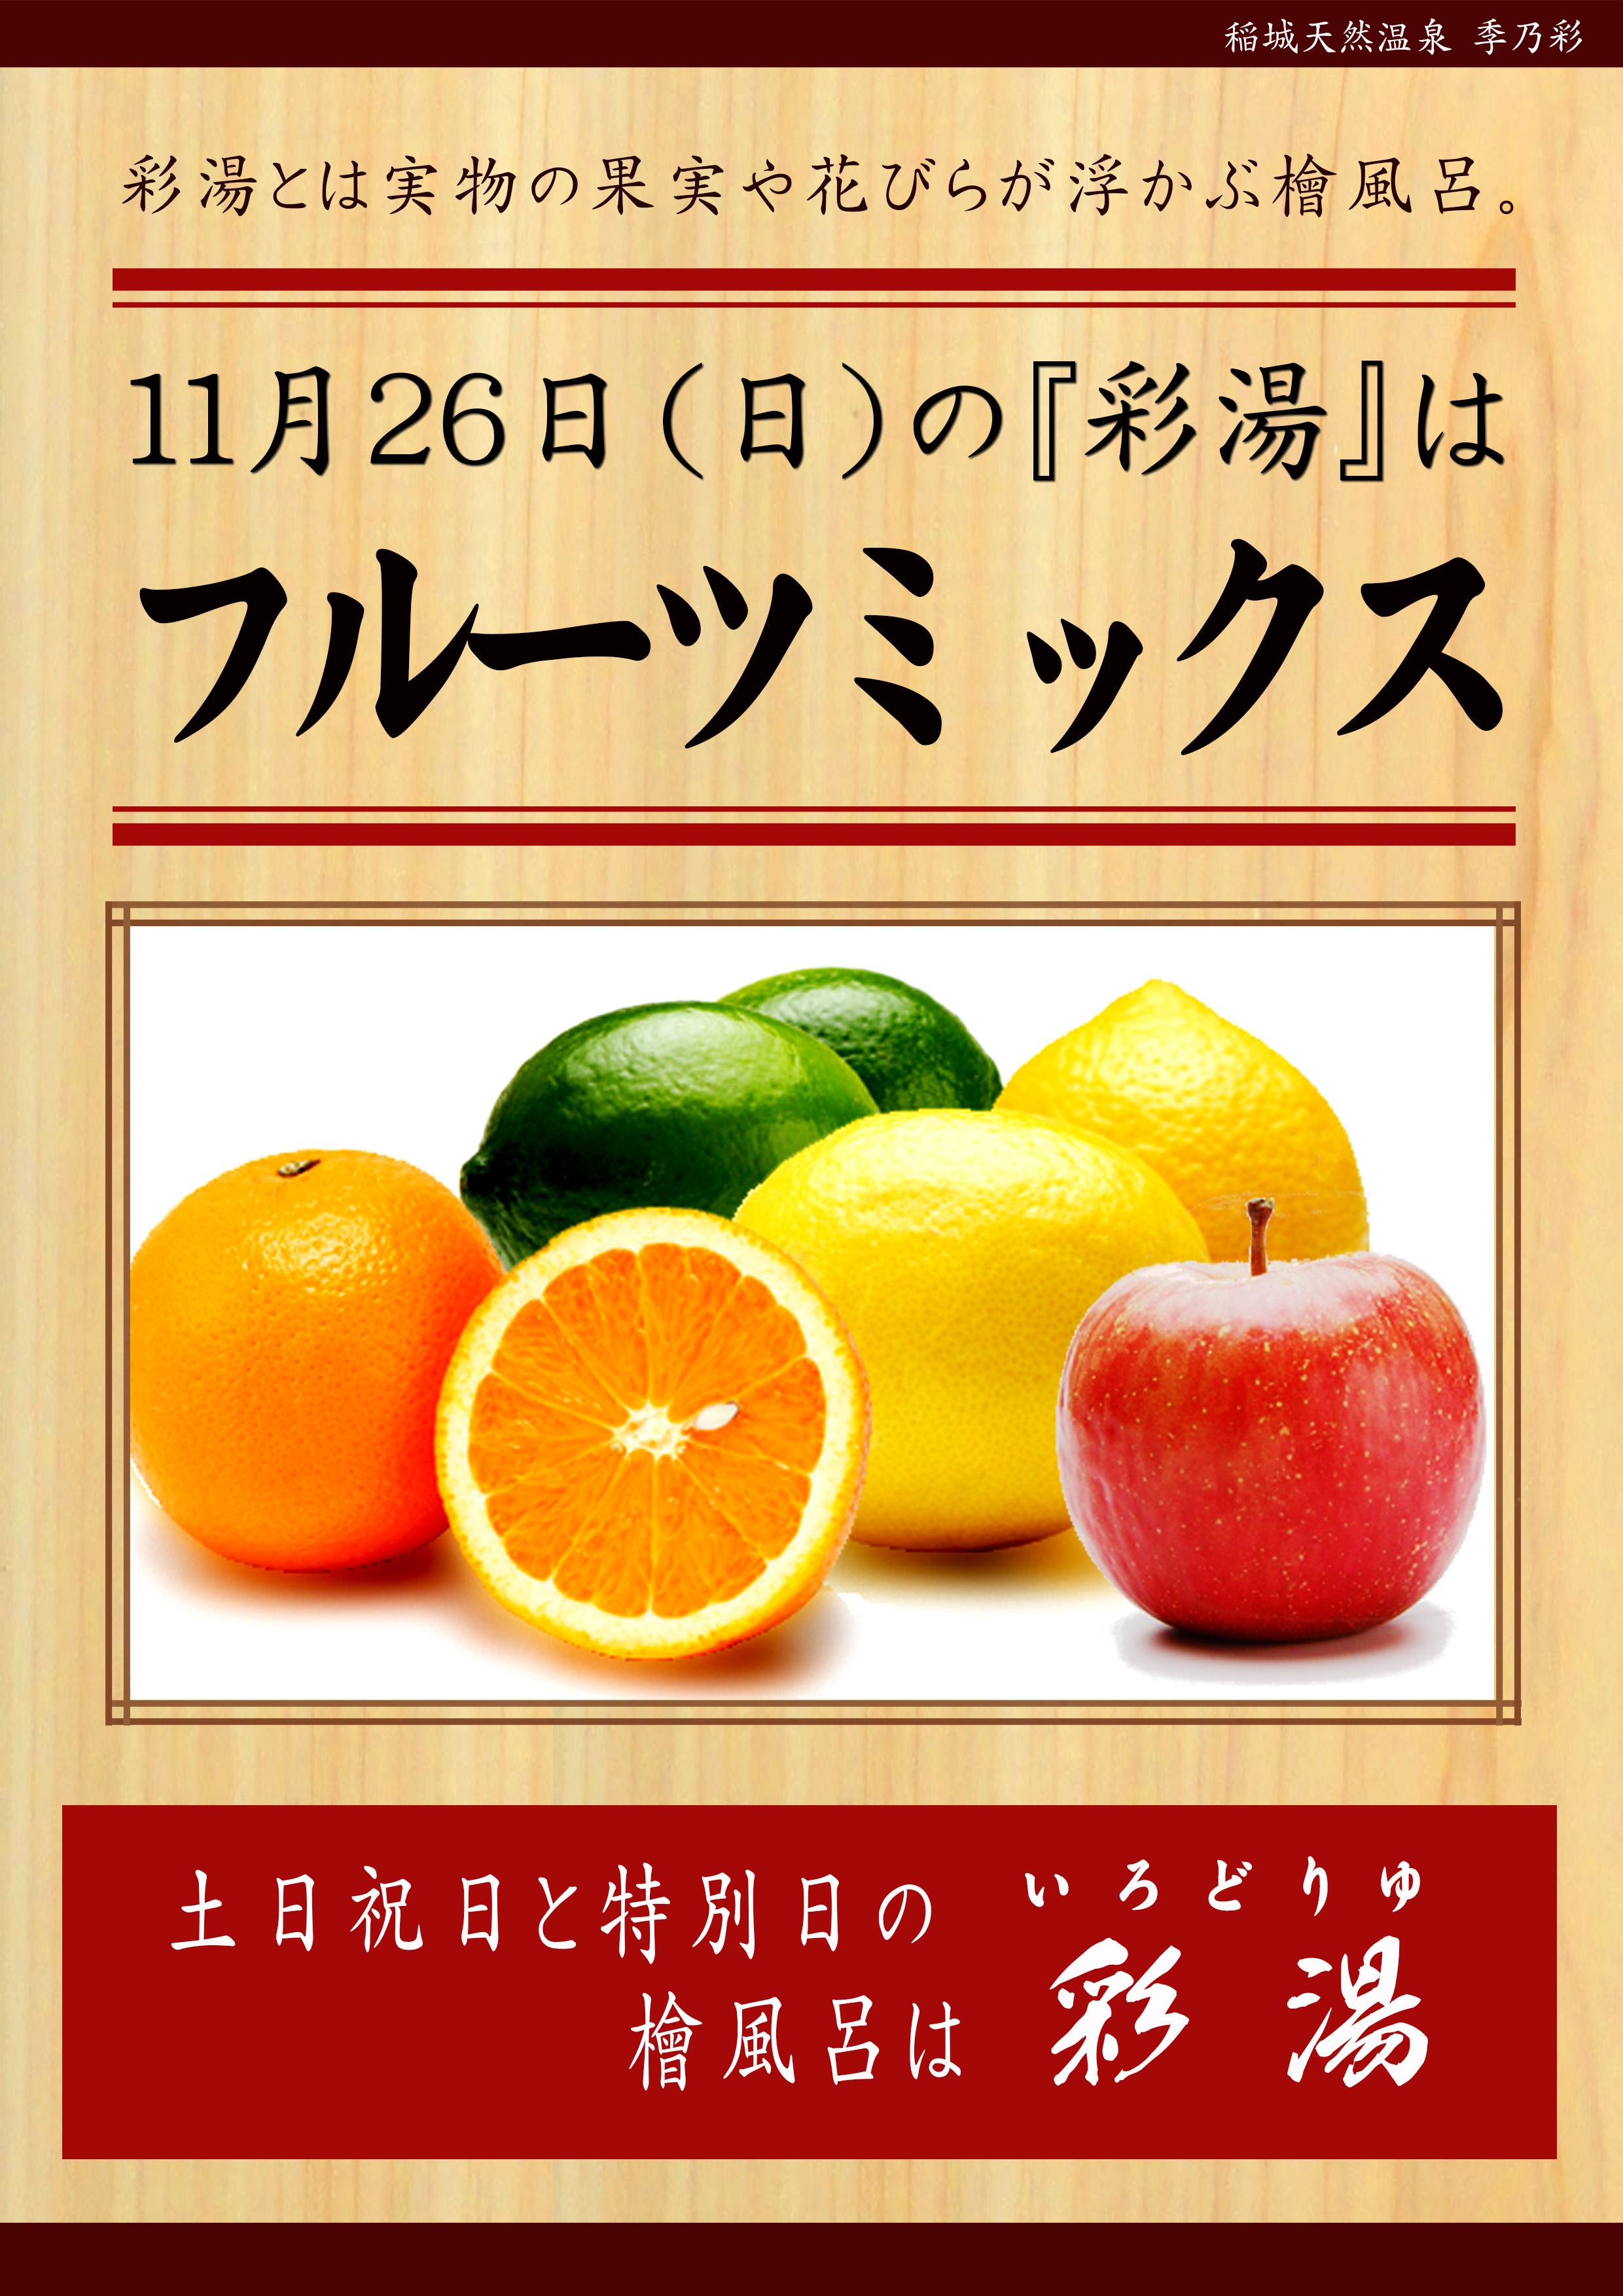 20171126POP イベント 彩湯 フルーツミックス